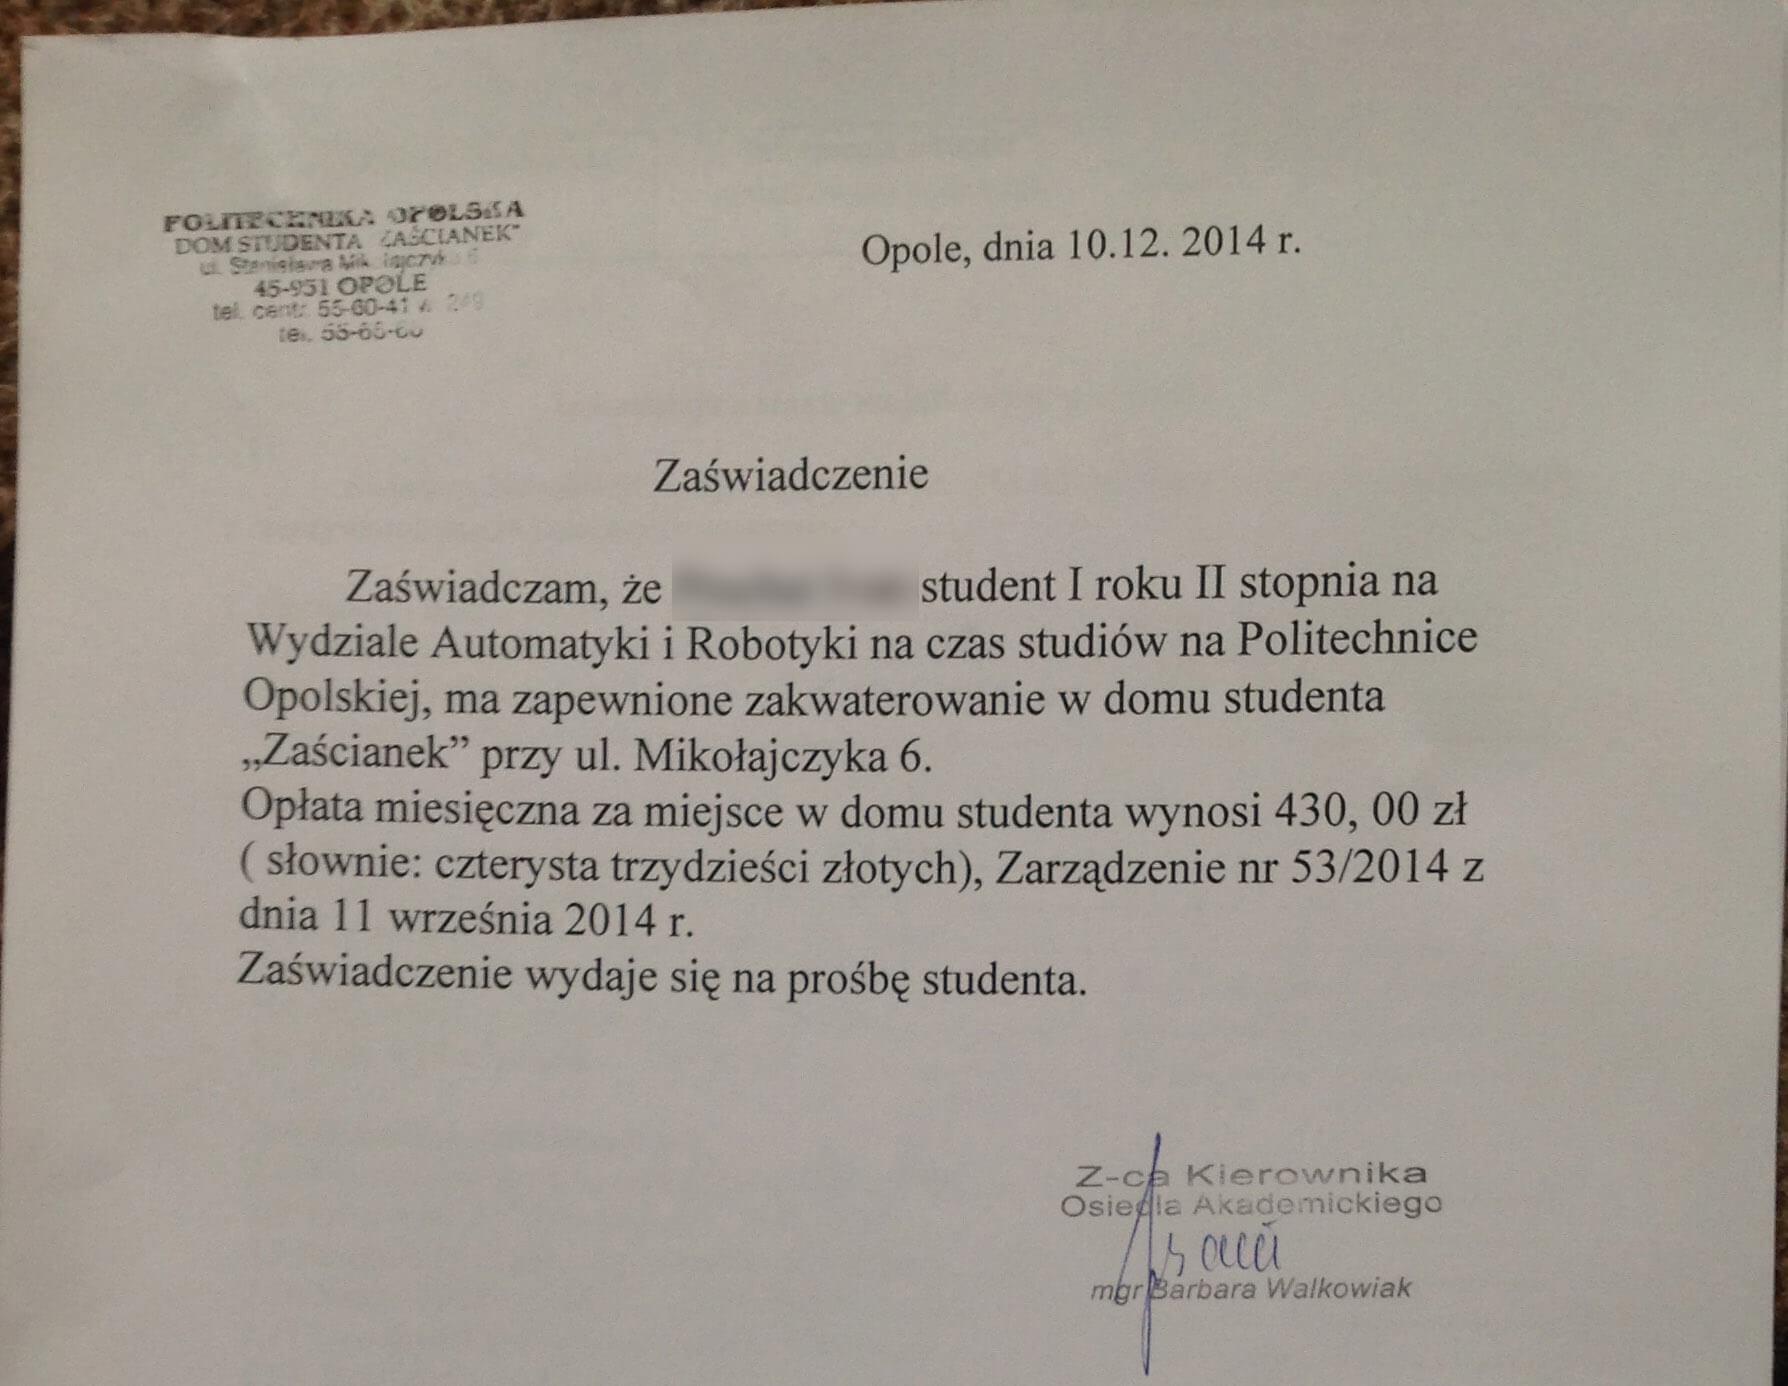 zaswiadczenie_z_akademiku